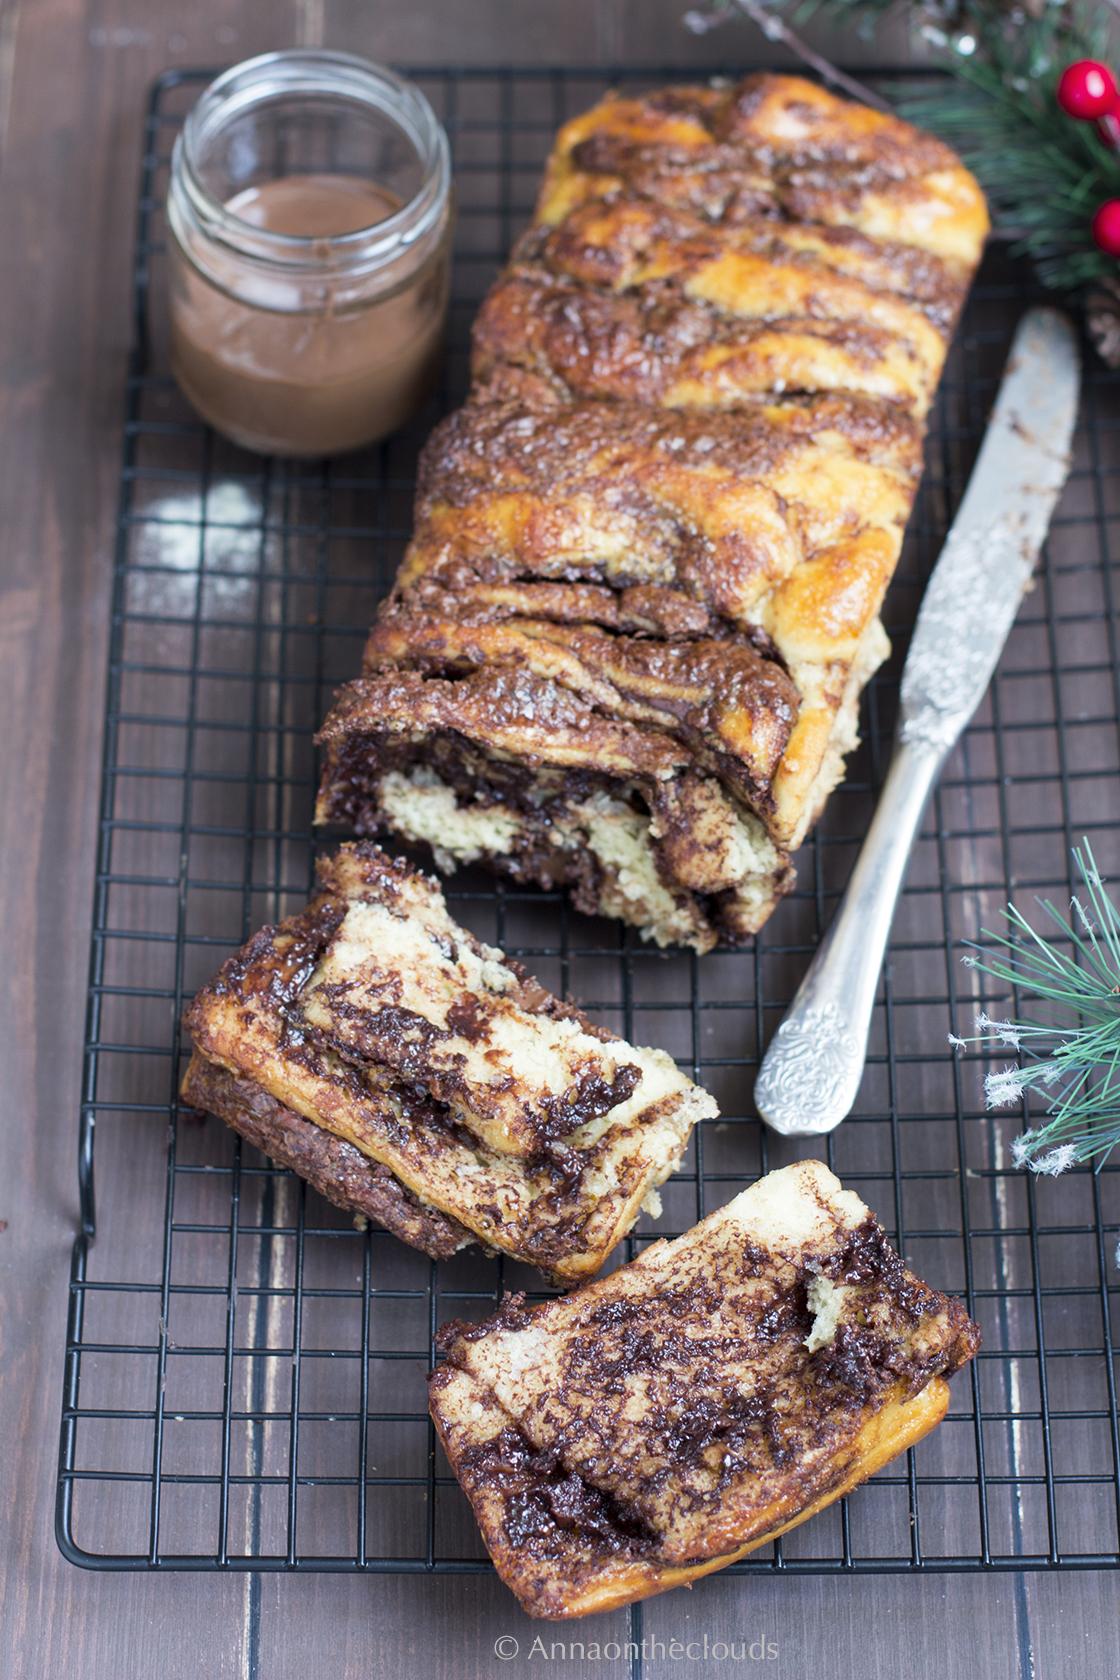 Ricetta Pane dolce alla nutella (Nutella pull apart bread)